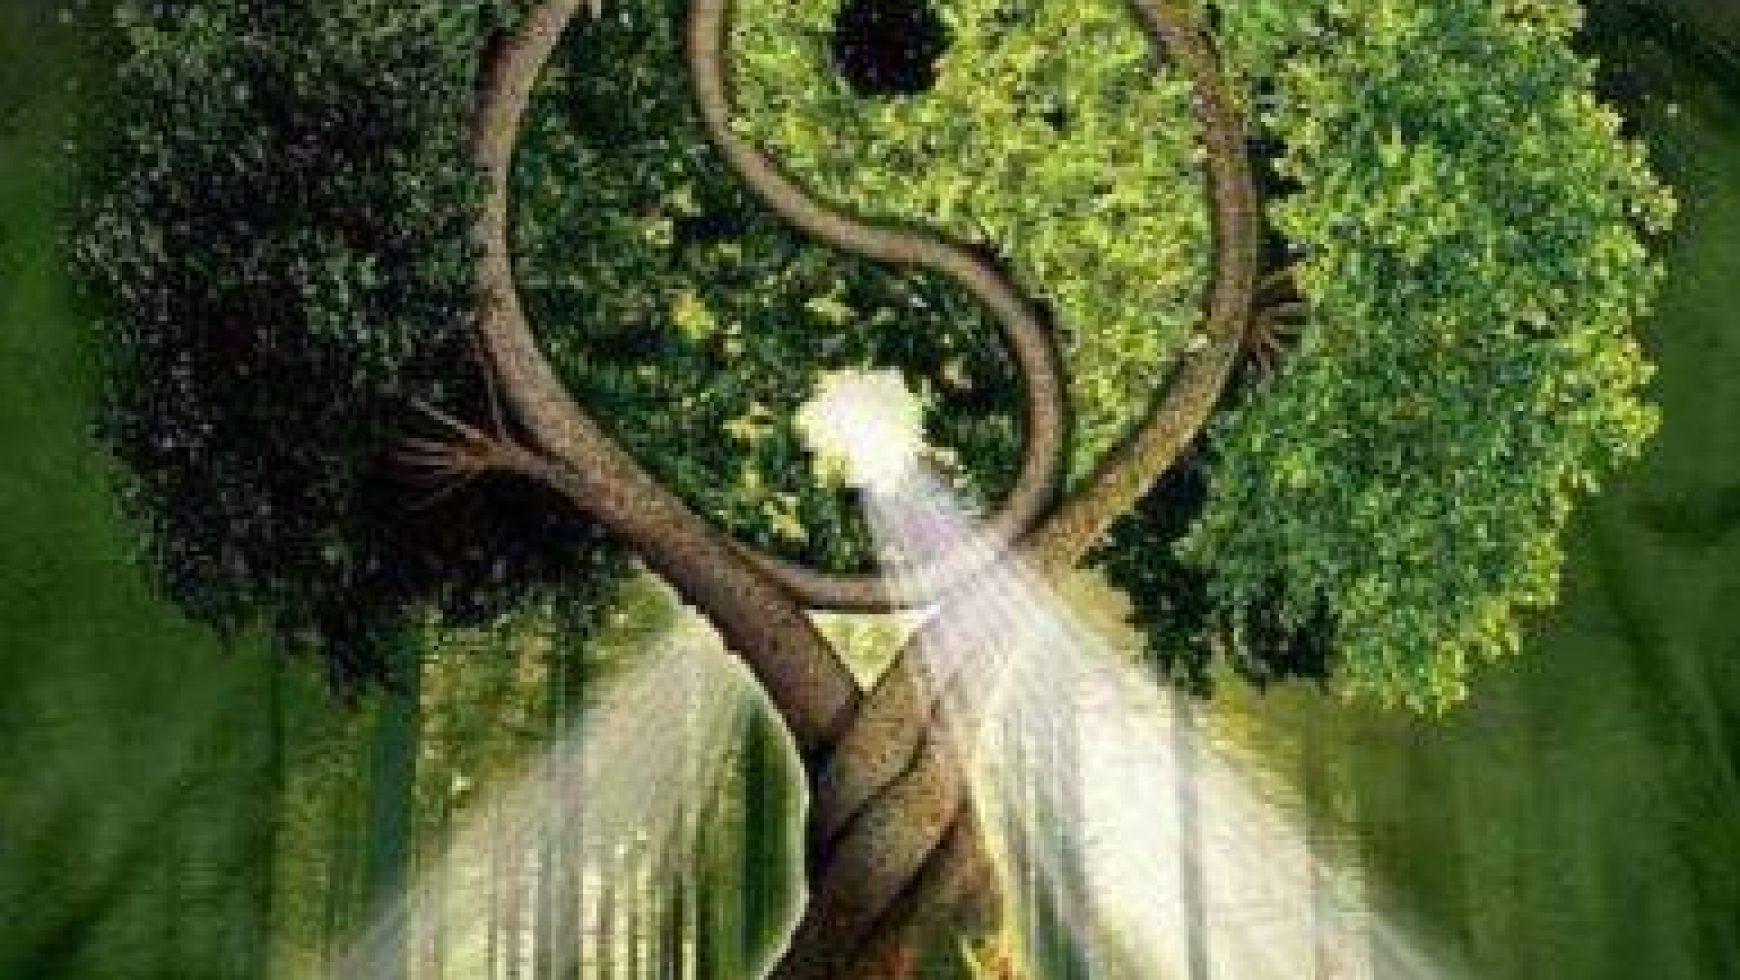 Je kunt de boom in